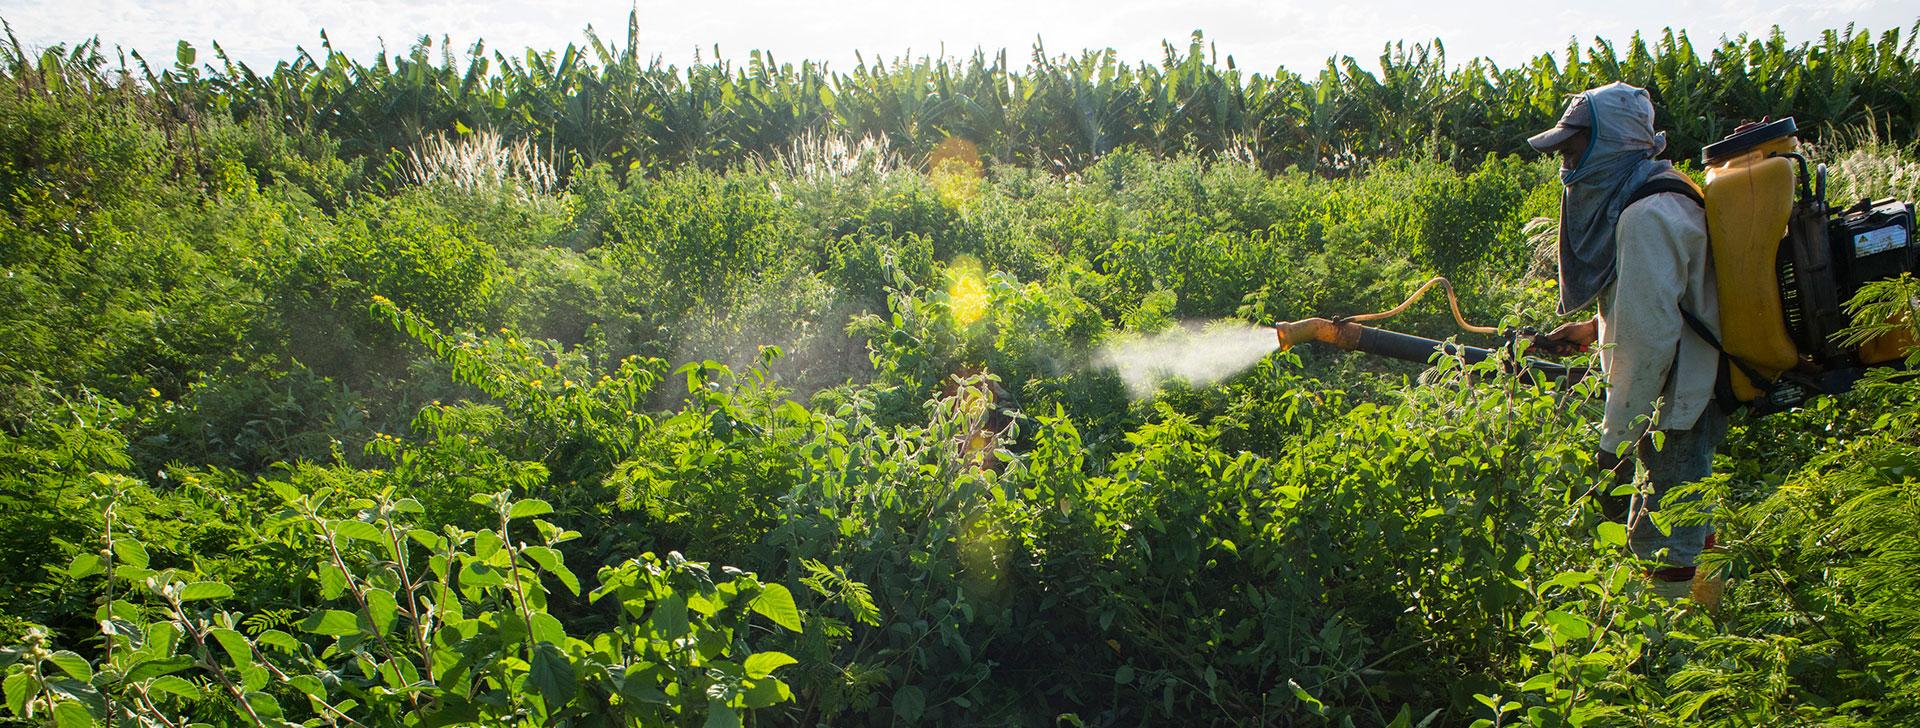 Farmer Pesticide Reuters